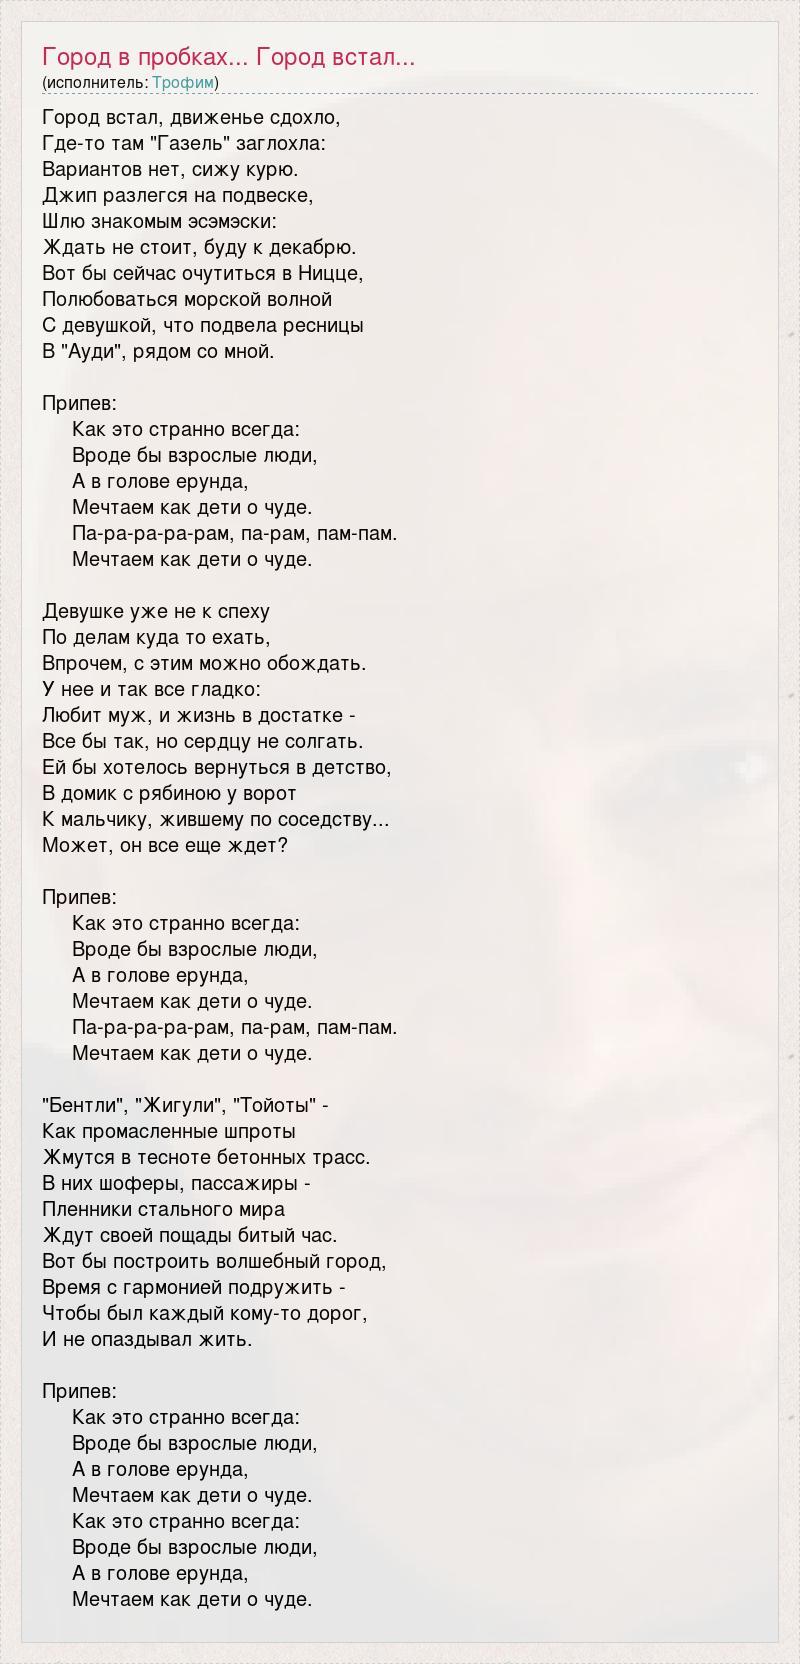 Скачать песню: detsl aka le truk пробки, стройка, грязь (2015.